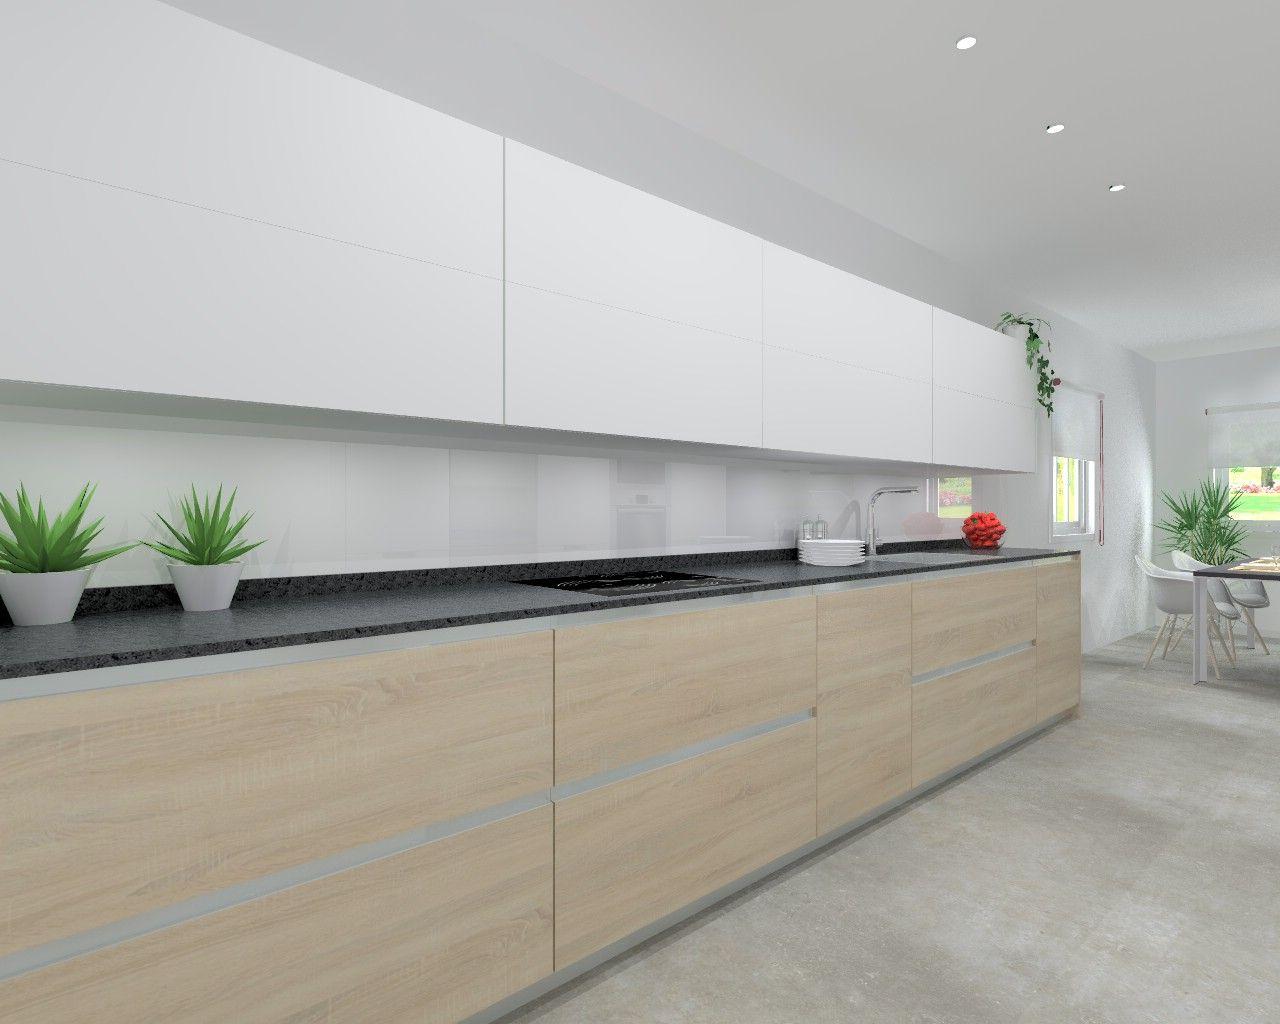 Modelo Minos L Encimera De Granito Cocinas Pinterest  # Muebles Cocinas Soinco